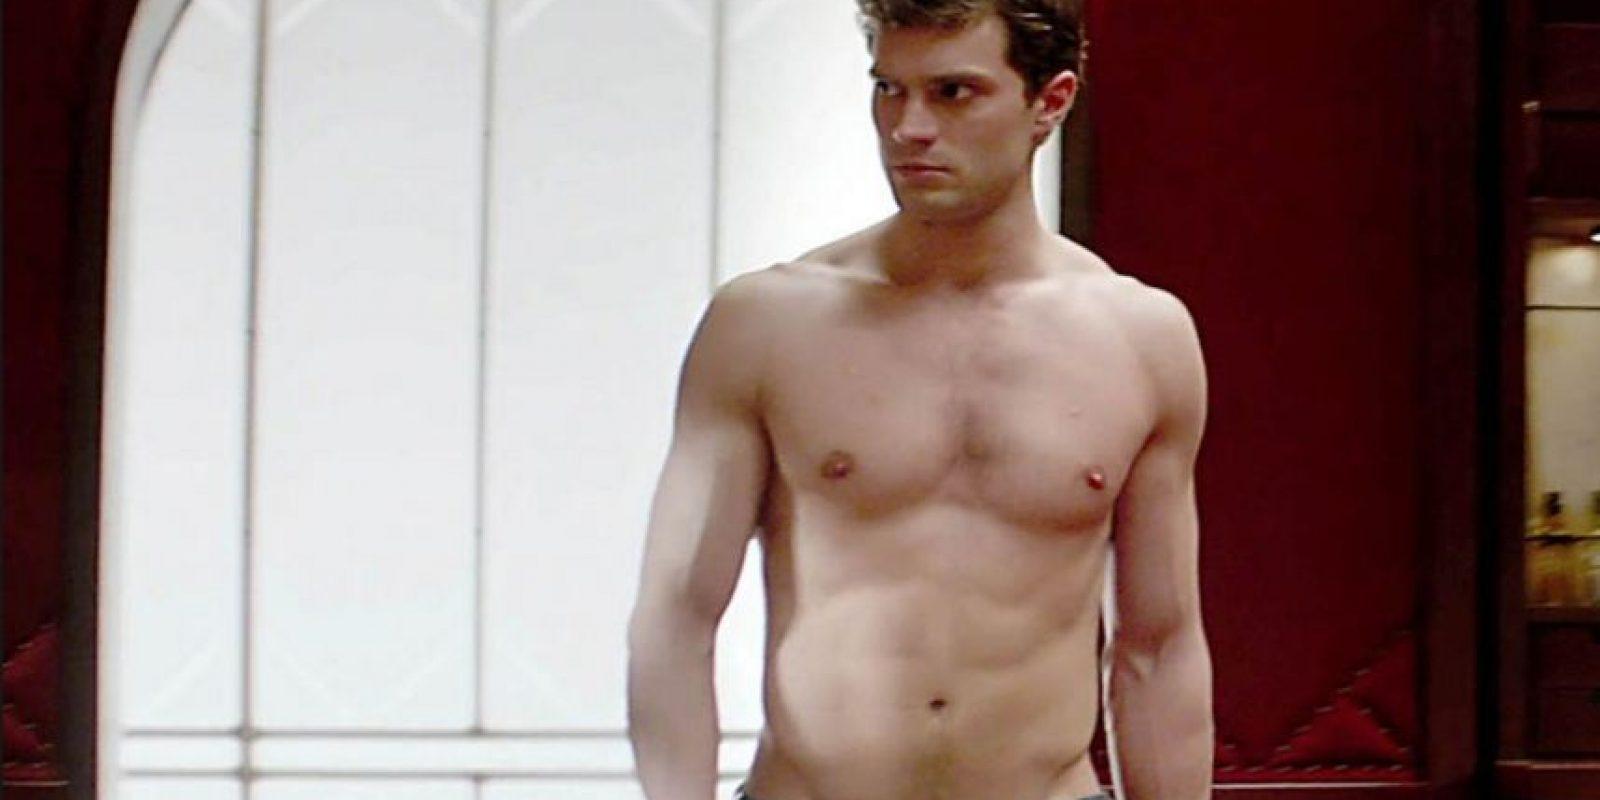 """Jamie Dornan era modelo y protagonista de editoriales de moda para las grandes revistas. También es actor, pero se hizo conocido por interpretar a Christian Grey en """"50 sombras de Grey"""". Aquí les dejamos sus fotos más sensuales Foto:Youtube"""